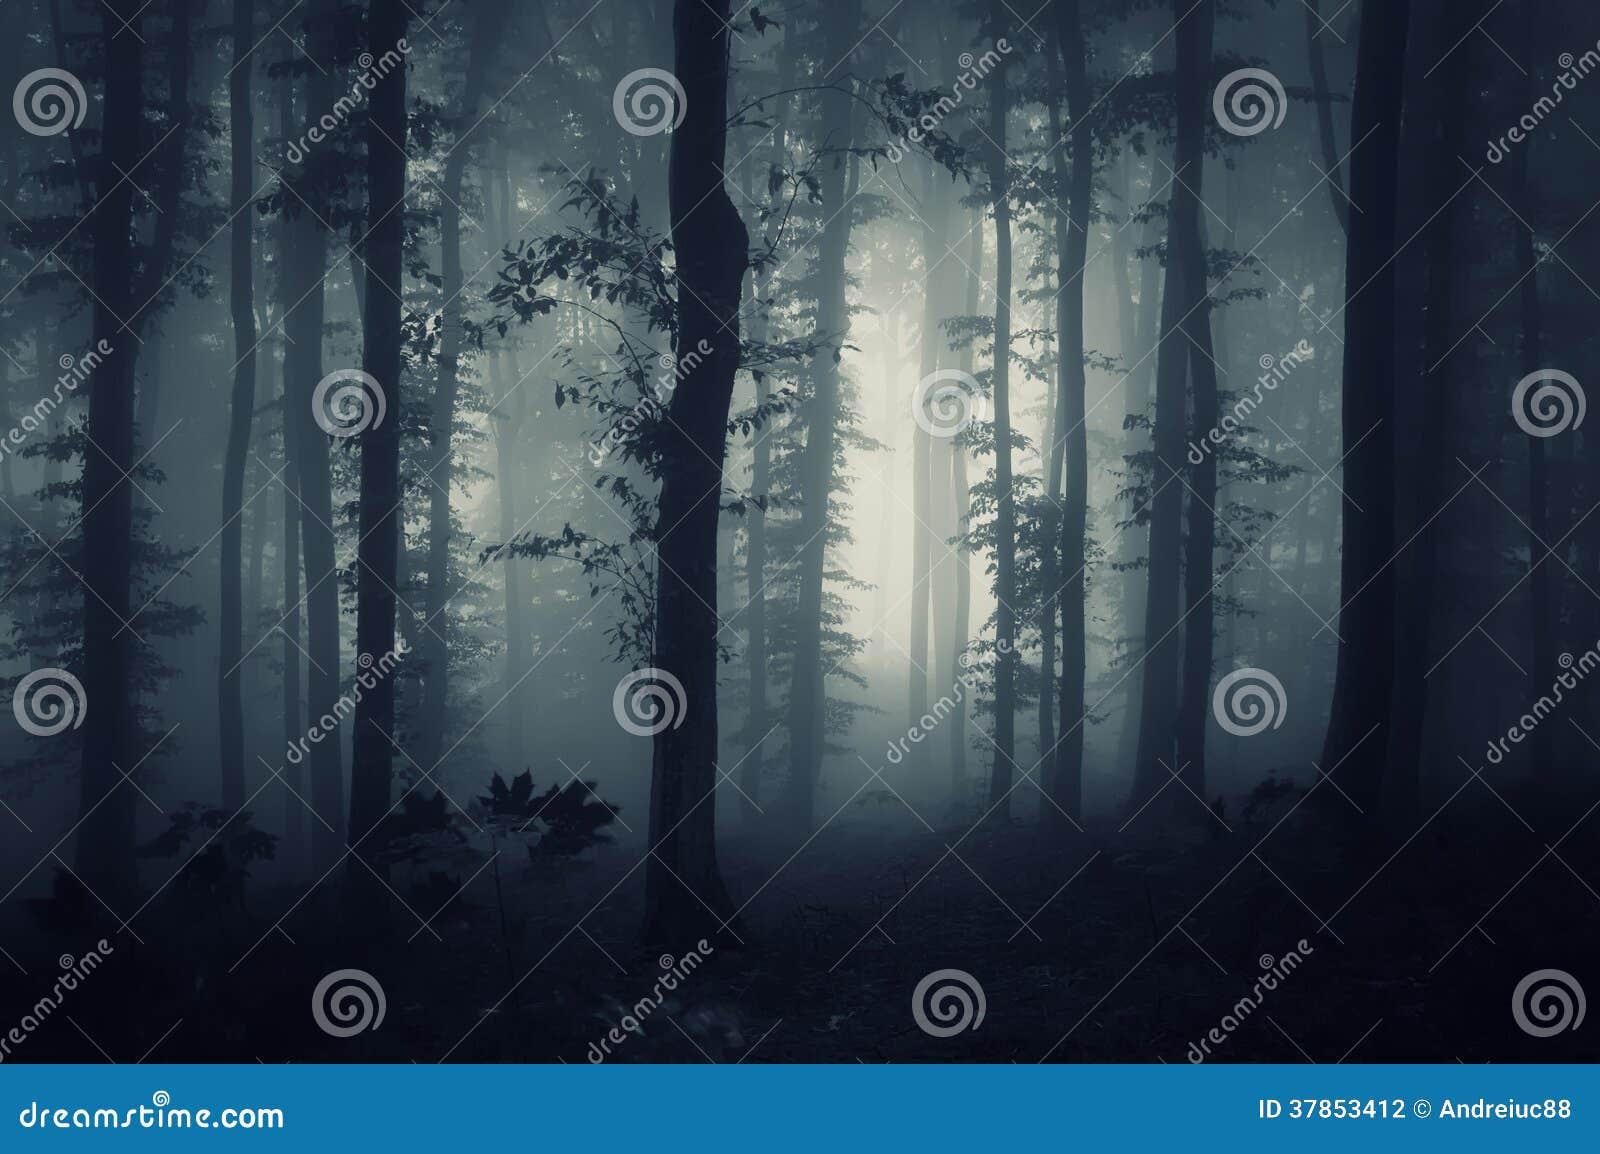 Legno scuro profondo con nebbia terrificante